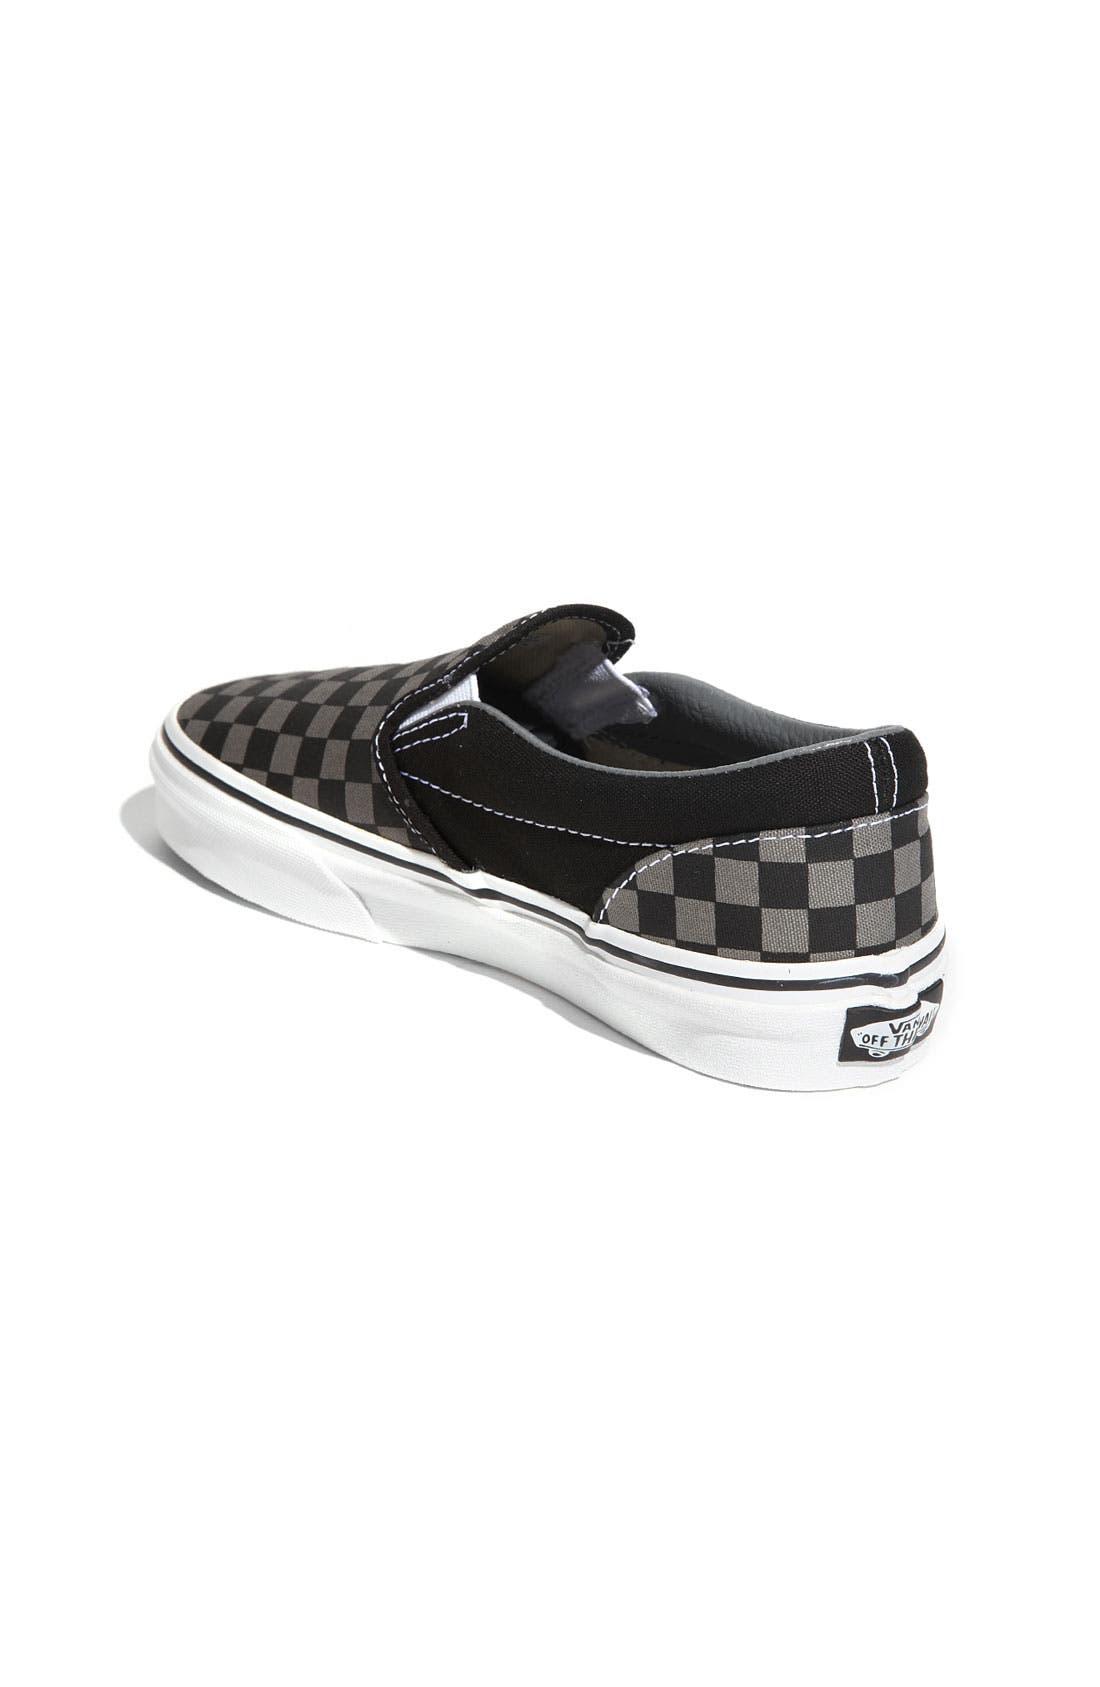 Alternate Image 2  - Vans 'Classic - Checker' Slip-On (Toddler, Little Kid & Big Kid)